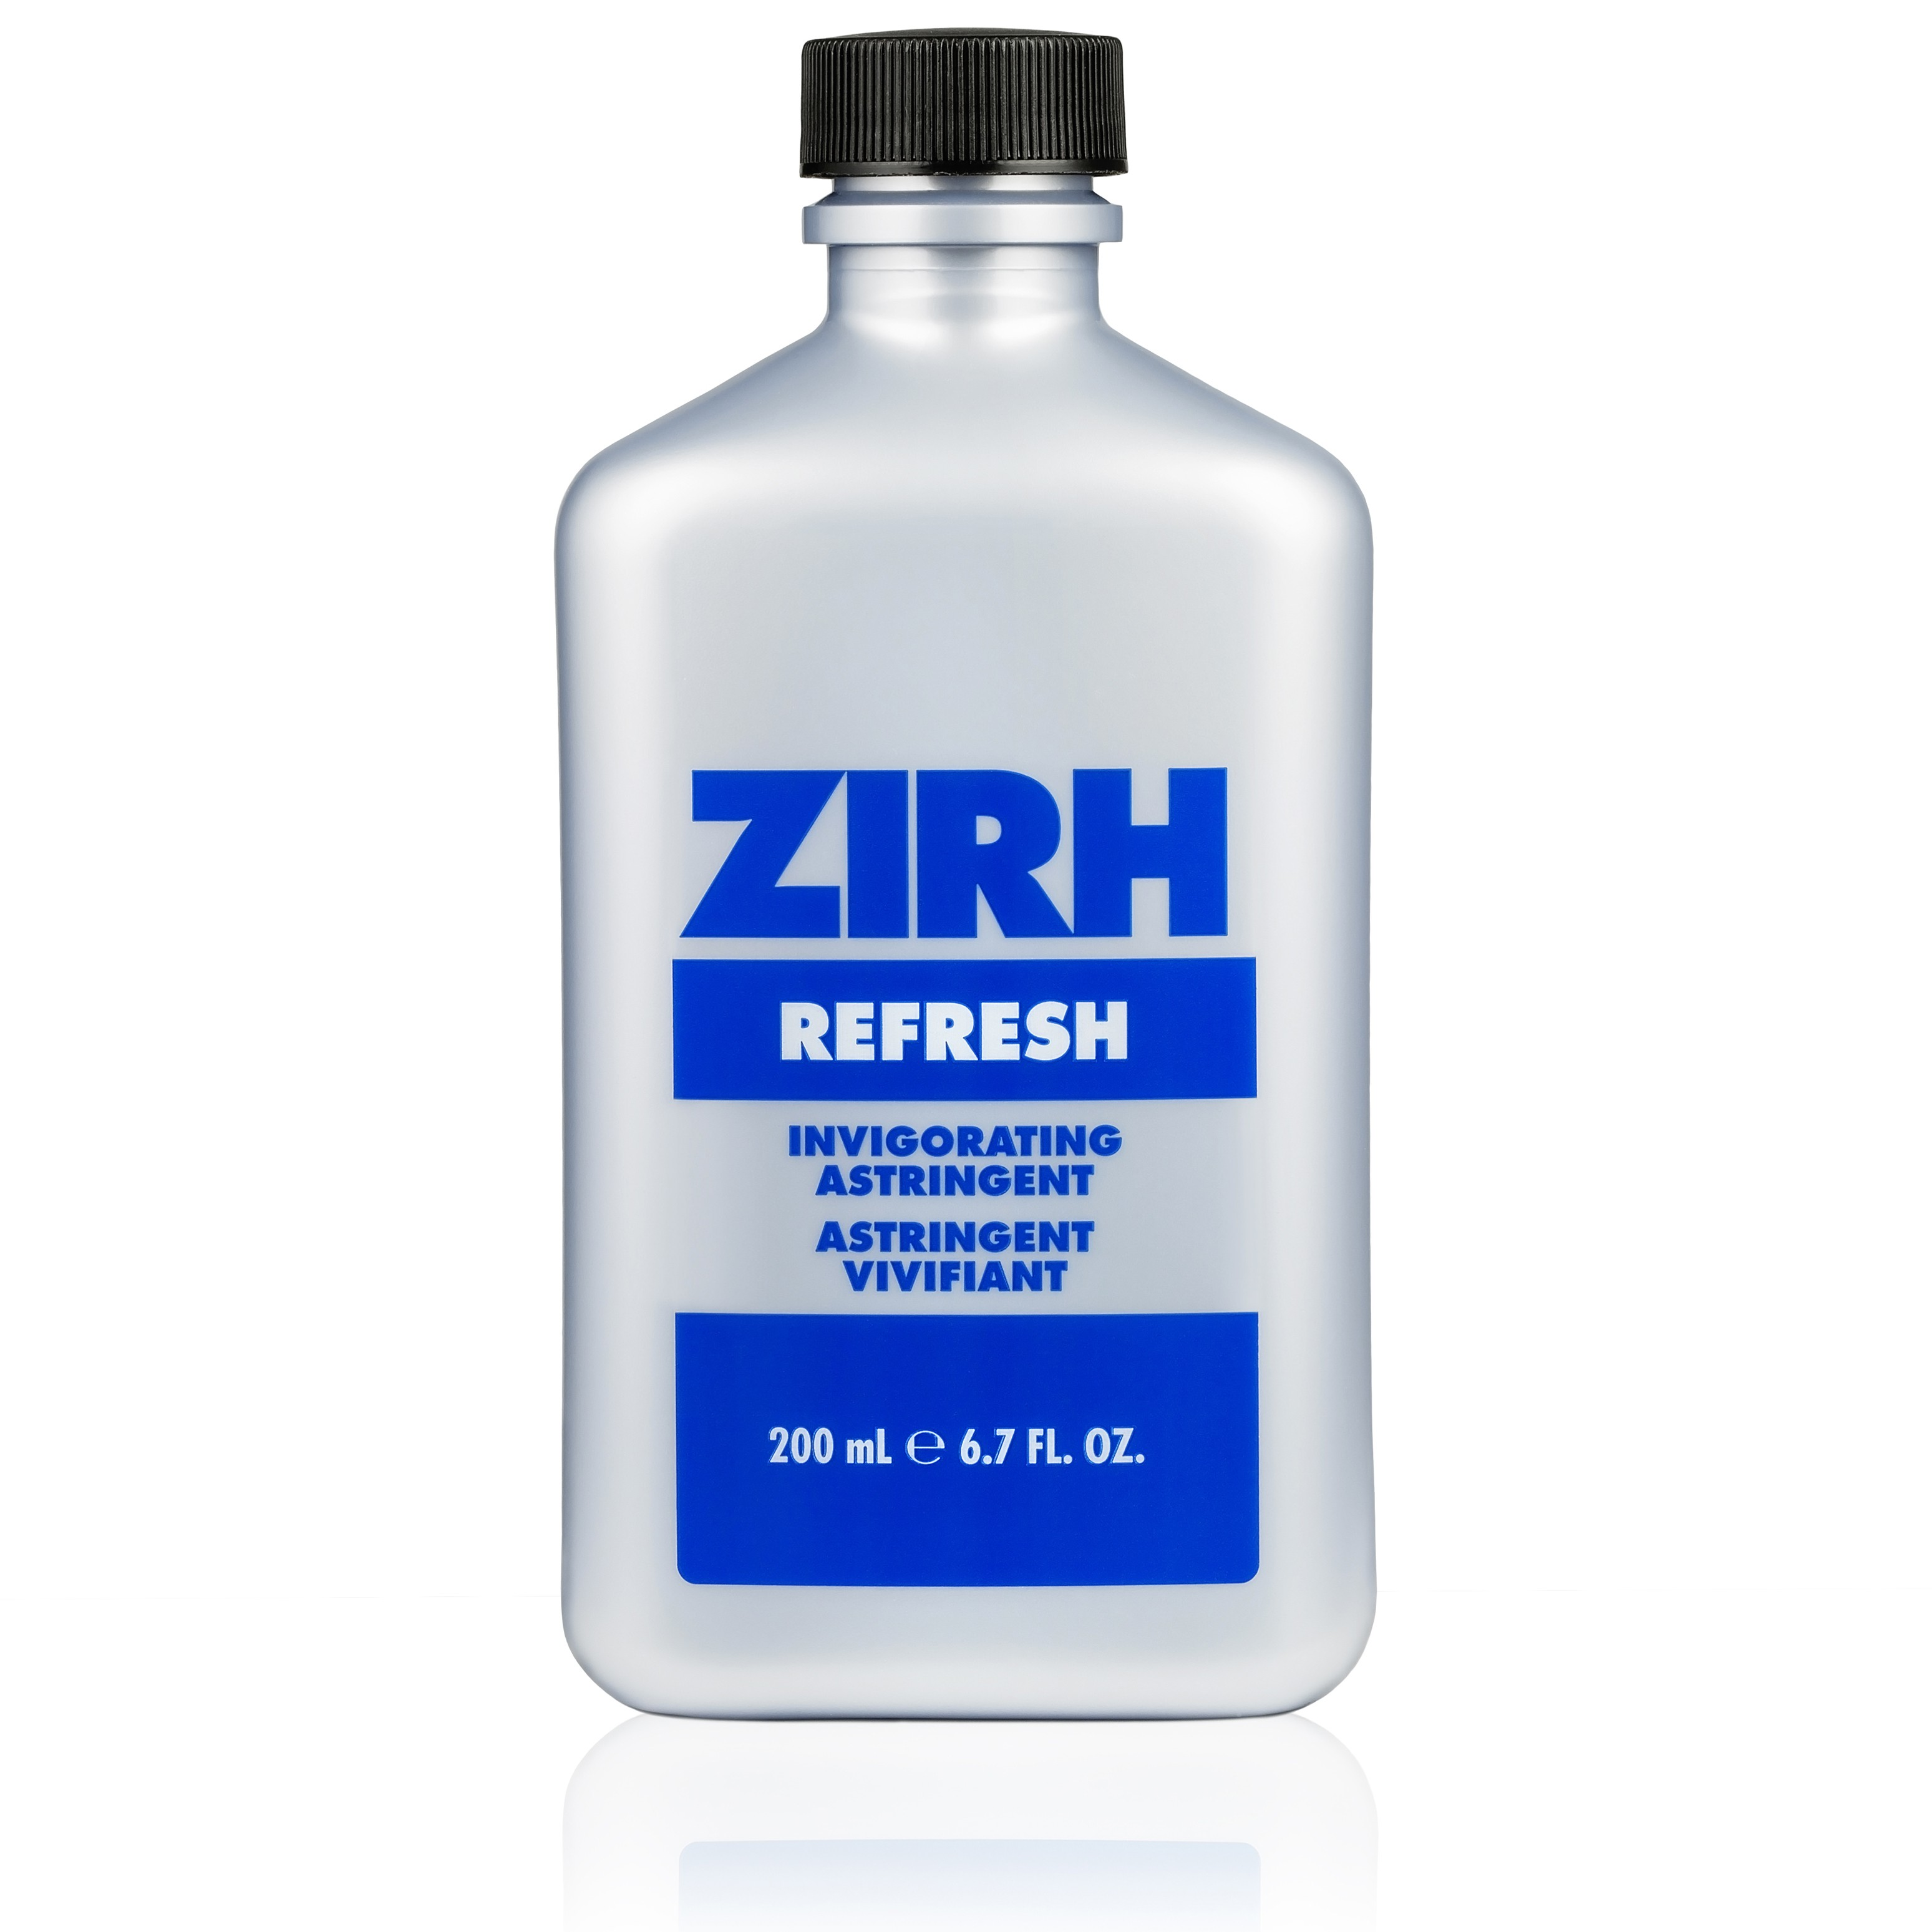 Zirh Refresh Invigorating Astringent, 6.7 Oz